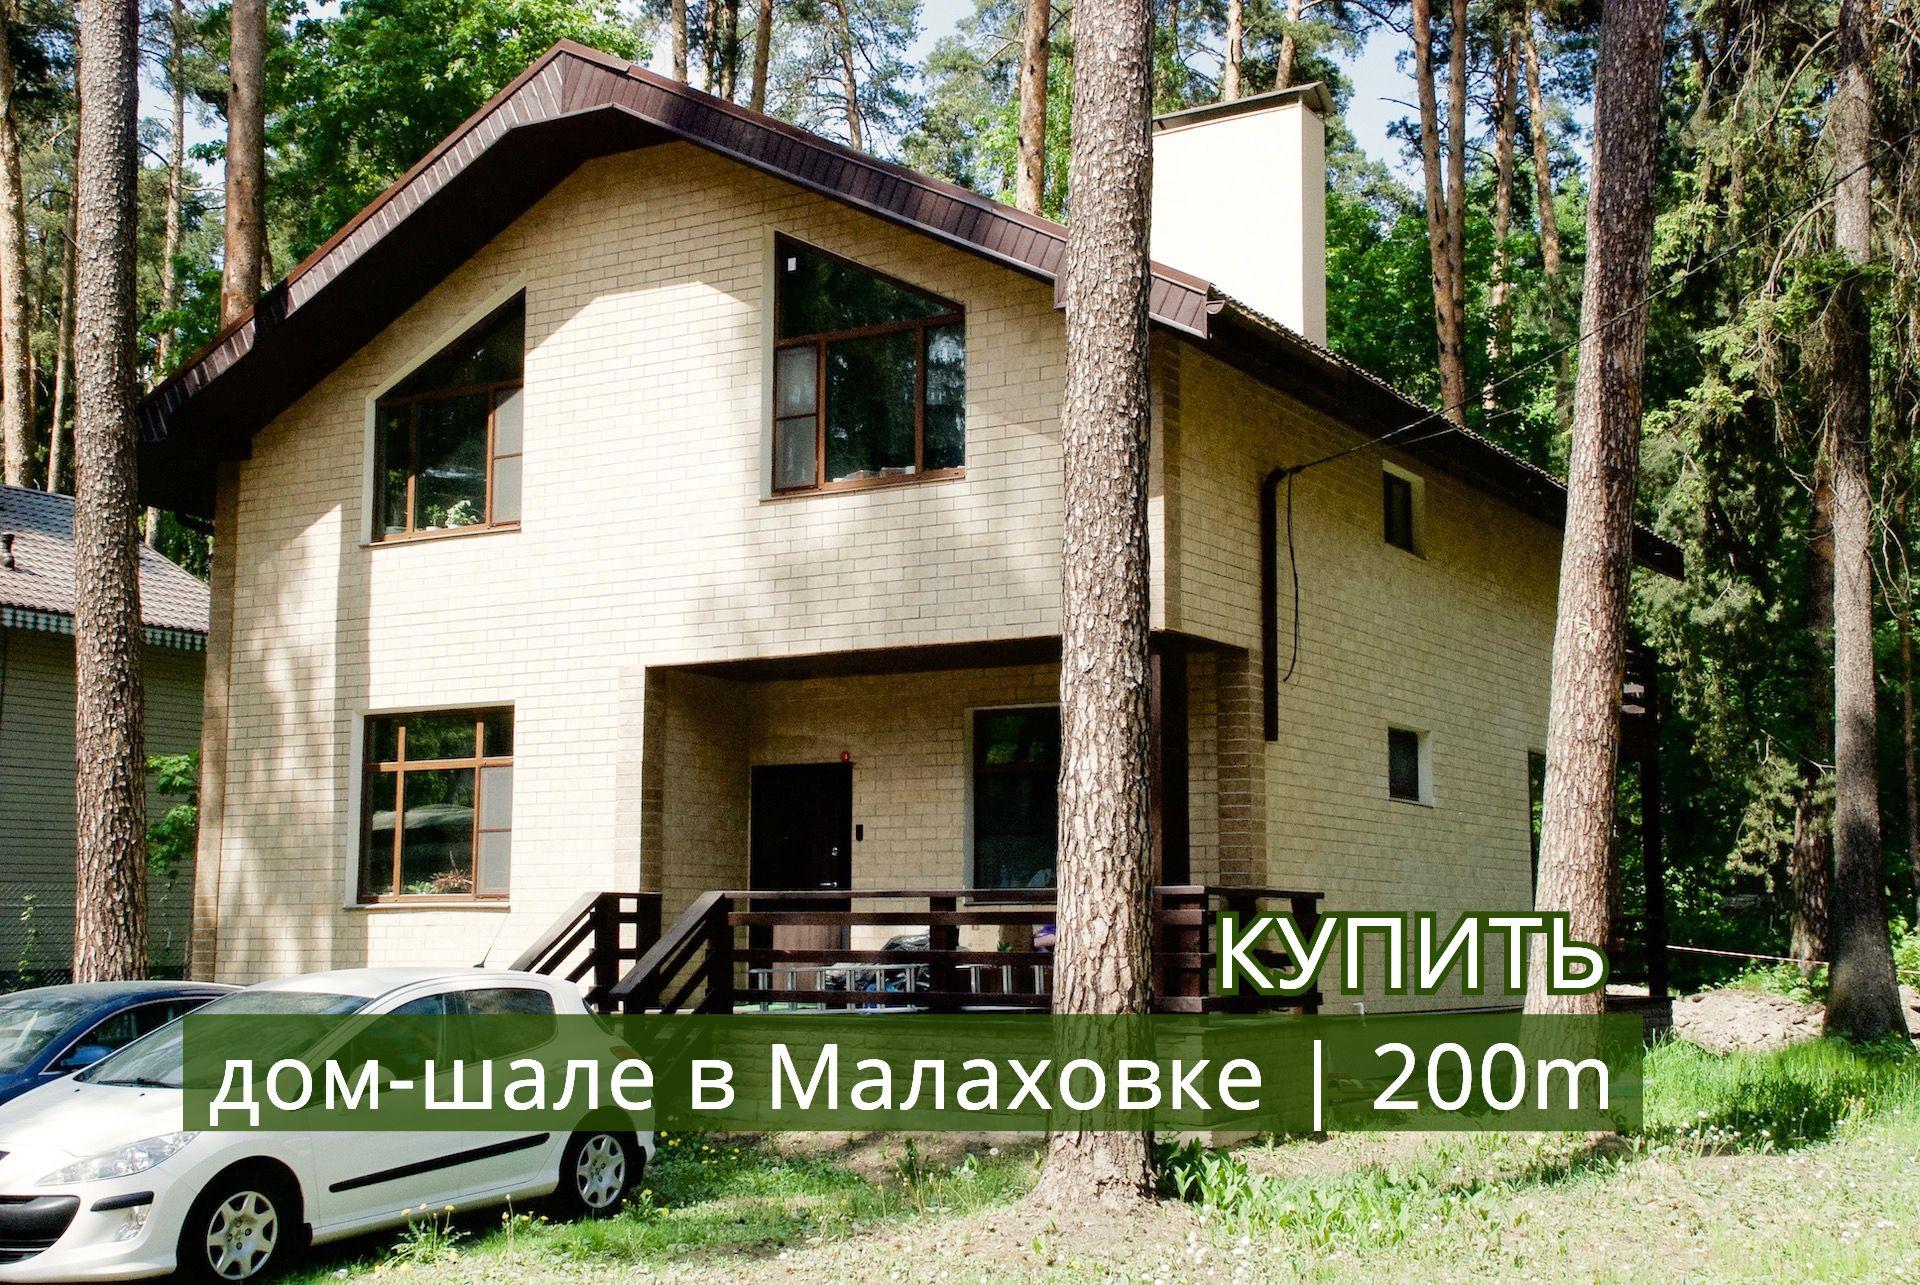 Купить дом-шале в Малаховке